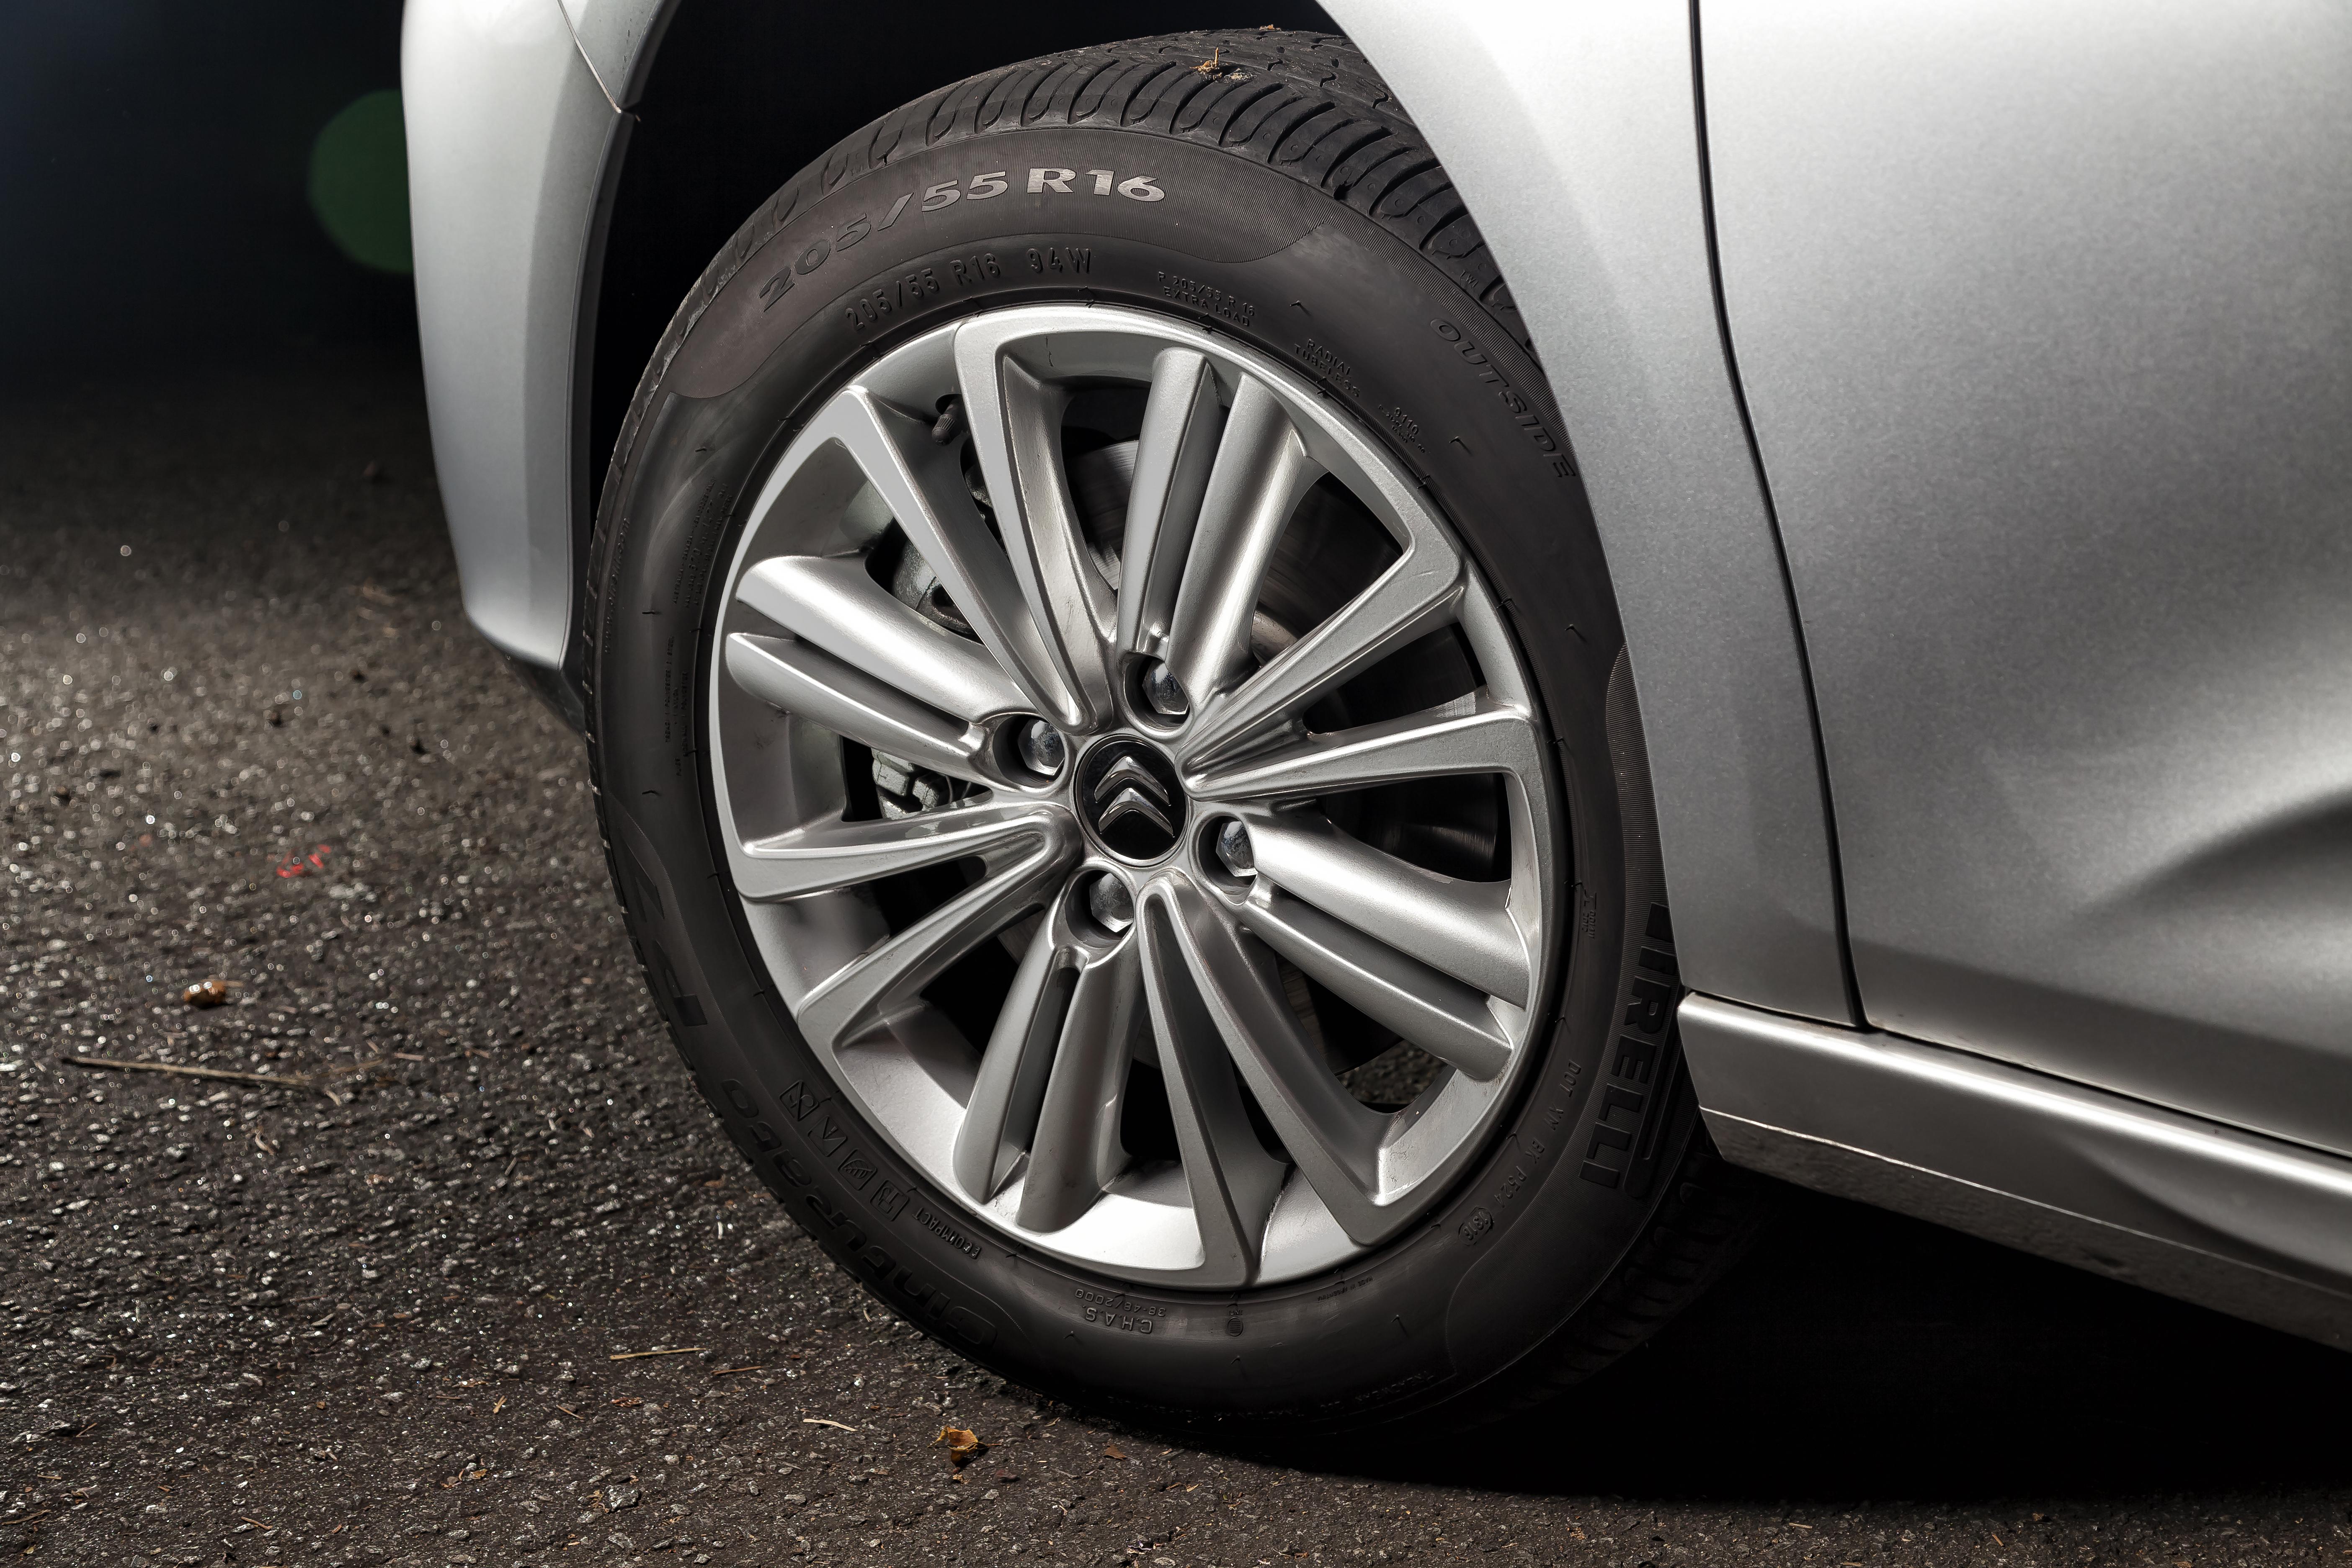 Rodas da versão Origine têm 16 polegadas e são calçadas com pneus de perfil mais alto